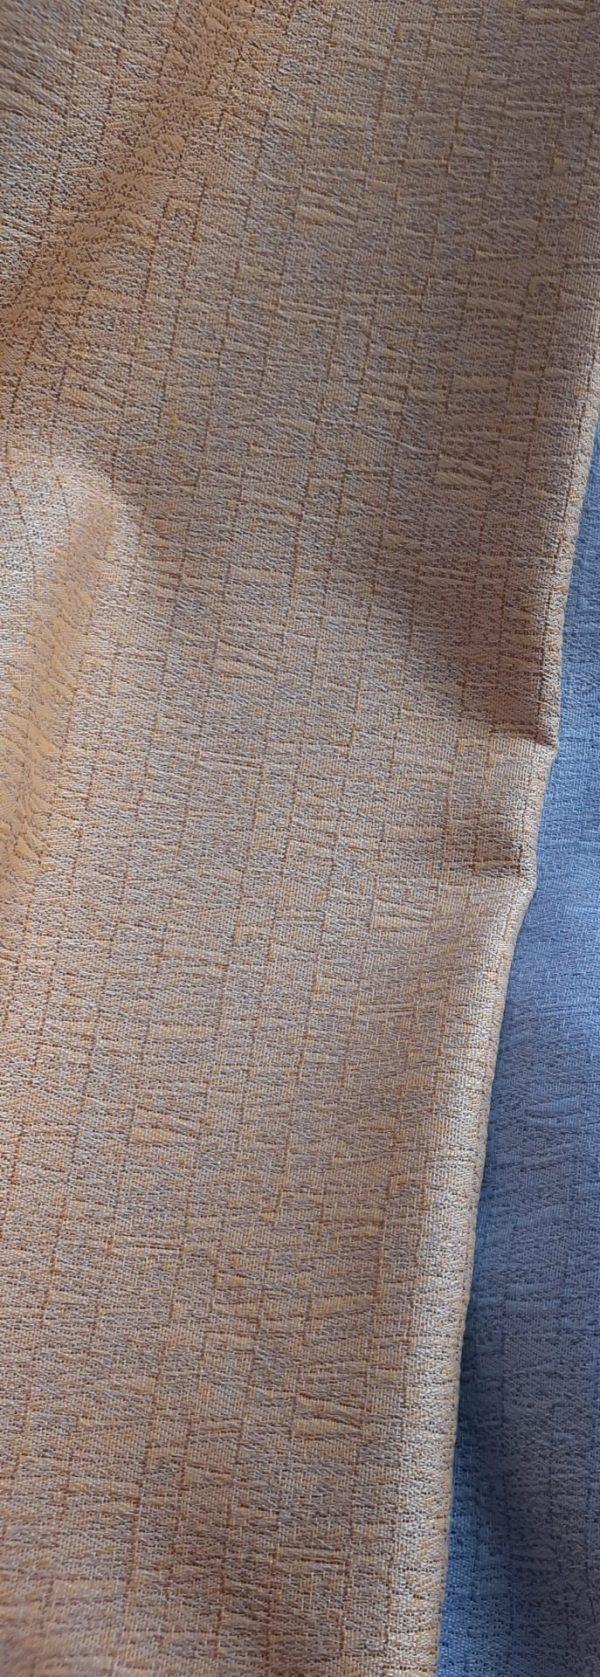 ύφασμα επίπλωσης μονόχρωμο Χρυσό Κίτρινο χρώμα στην ύφανση σε 2.80 φάρδος